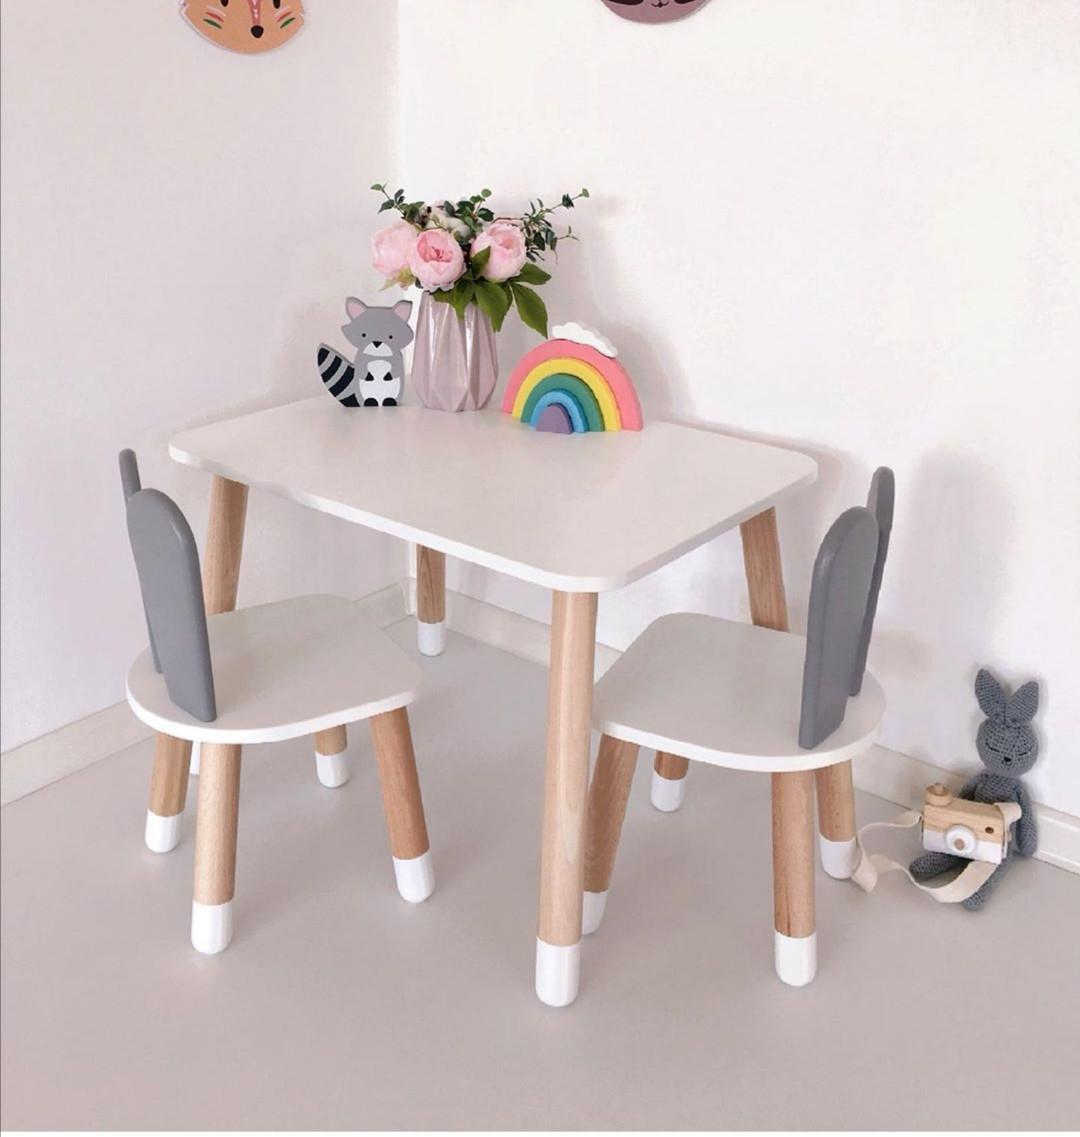 Дитячий стіл і 2 стільці (дерев'яний стільчик зайчик 2 шт і прямокутний стіл)